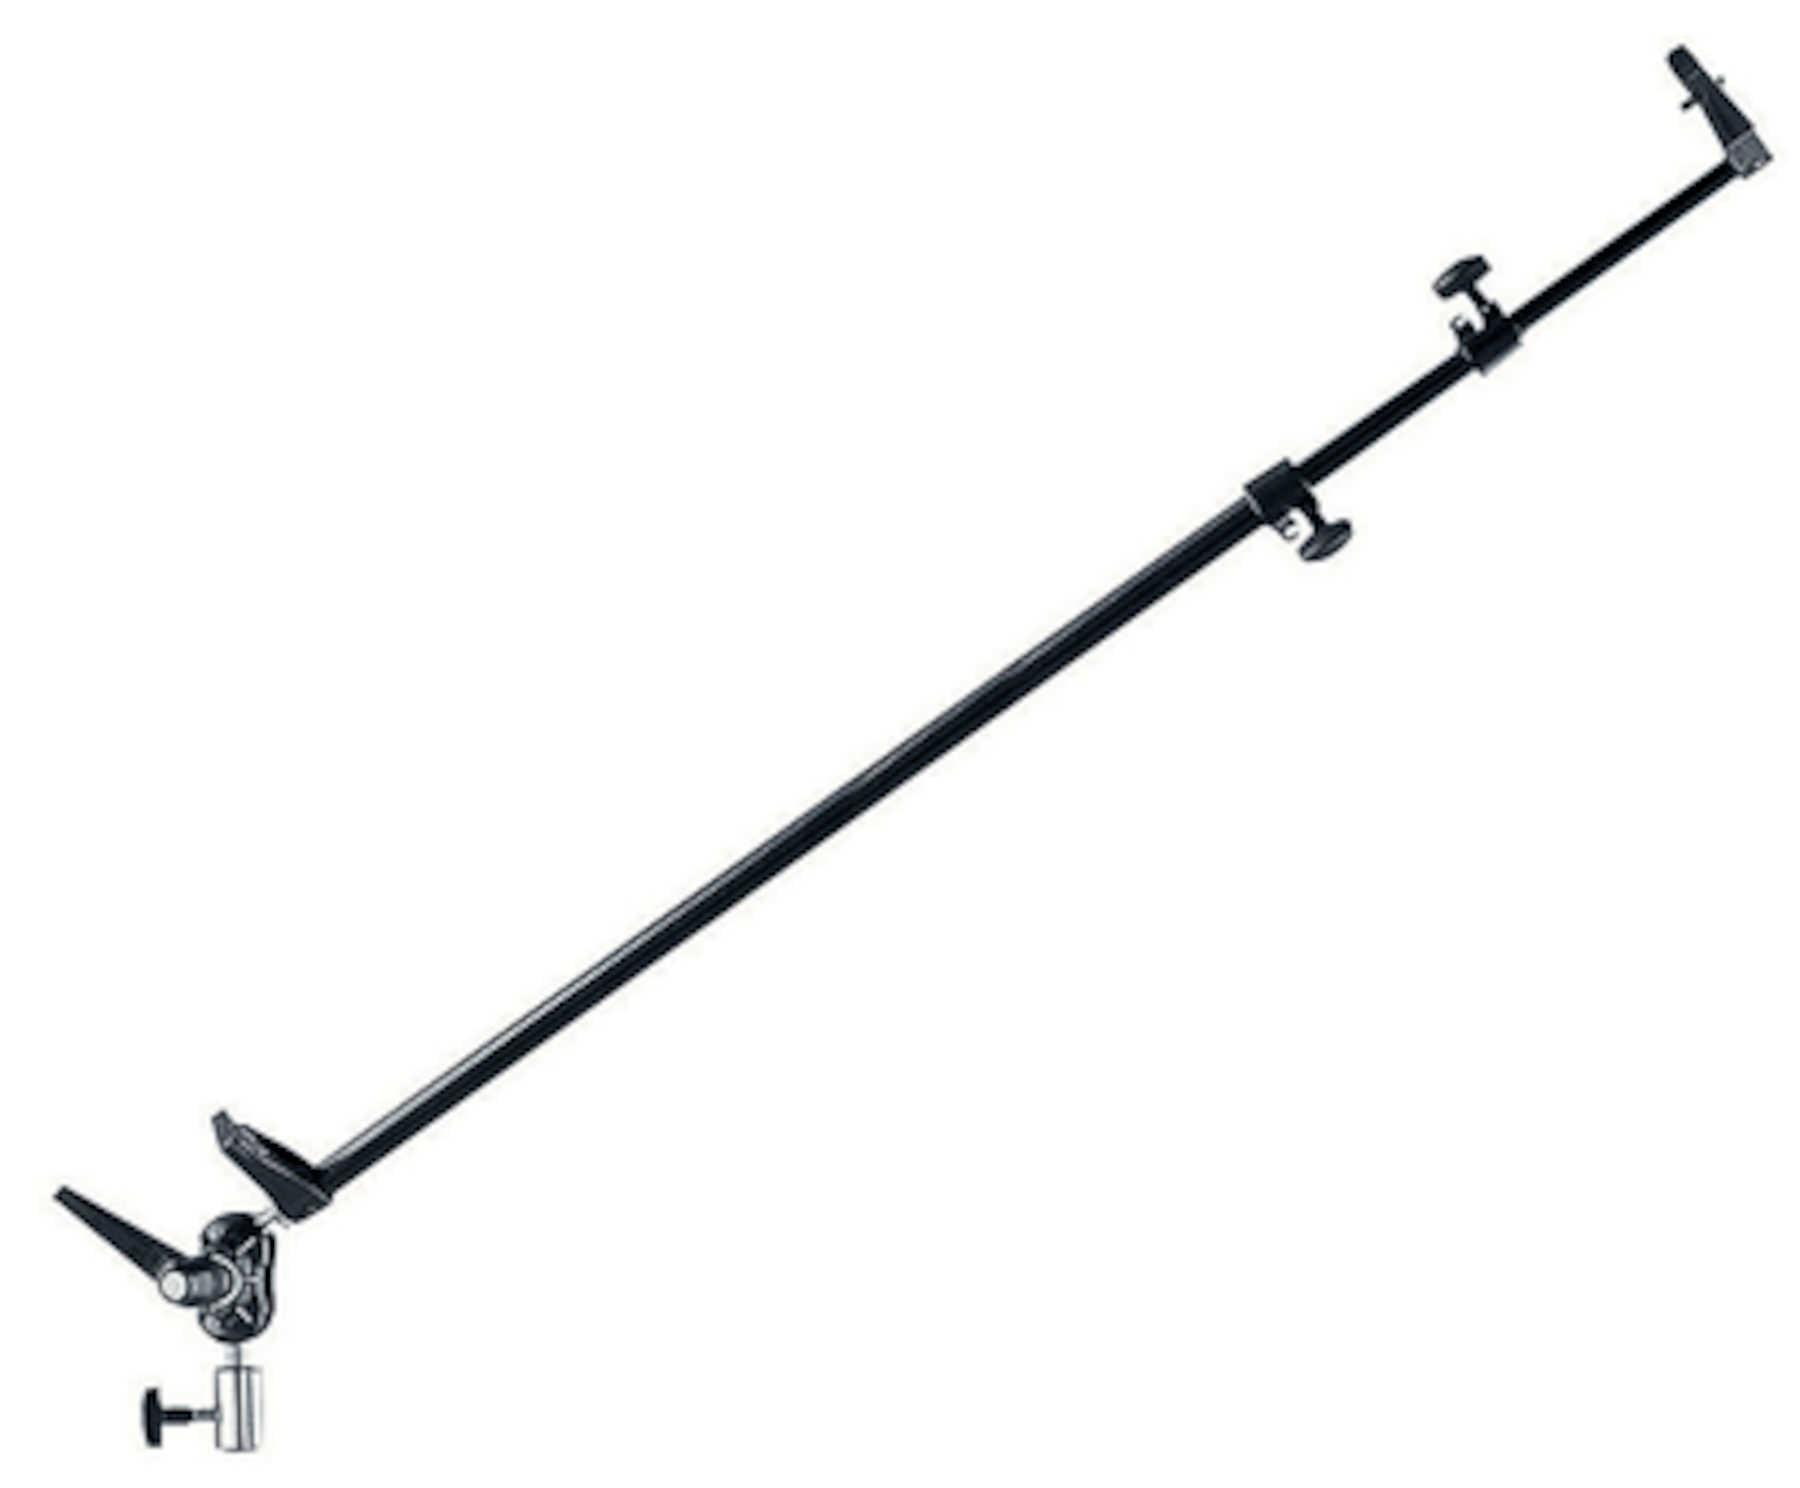 Polyholder telescopic Holder D750